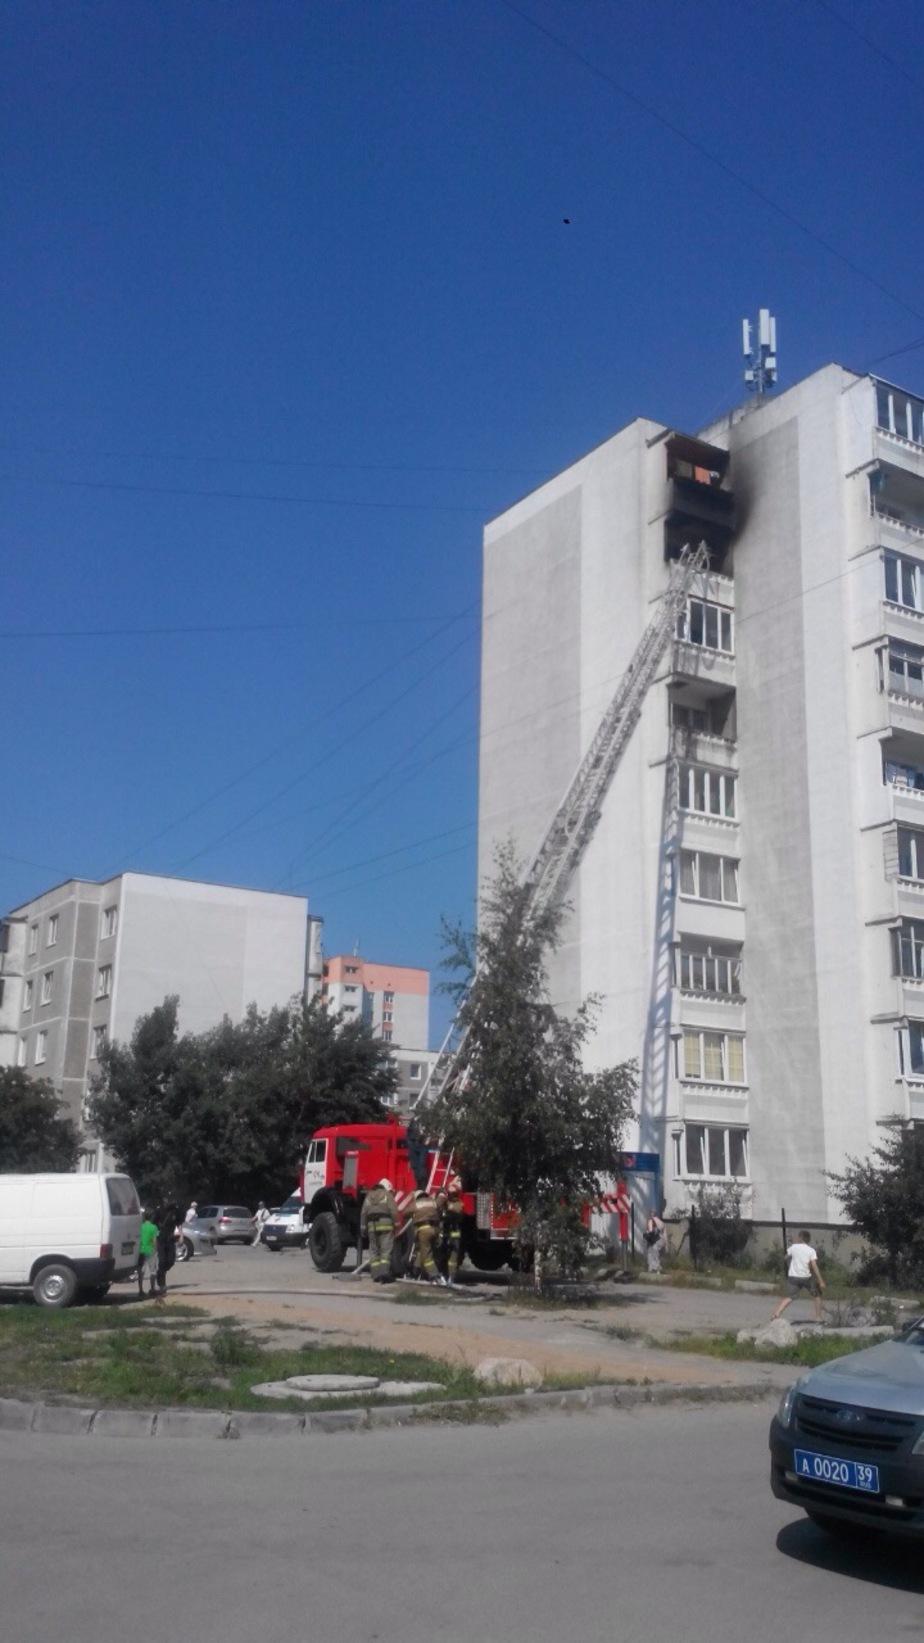 От брошенного с крыши окурка загорелся балкон в высотке на Сельме - Новости Калининграда